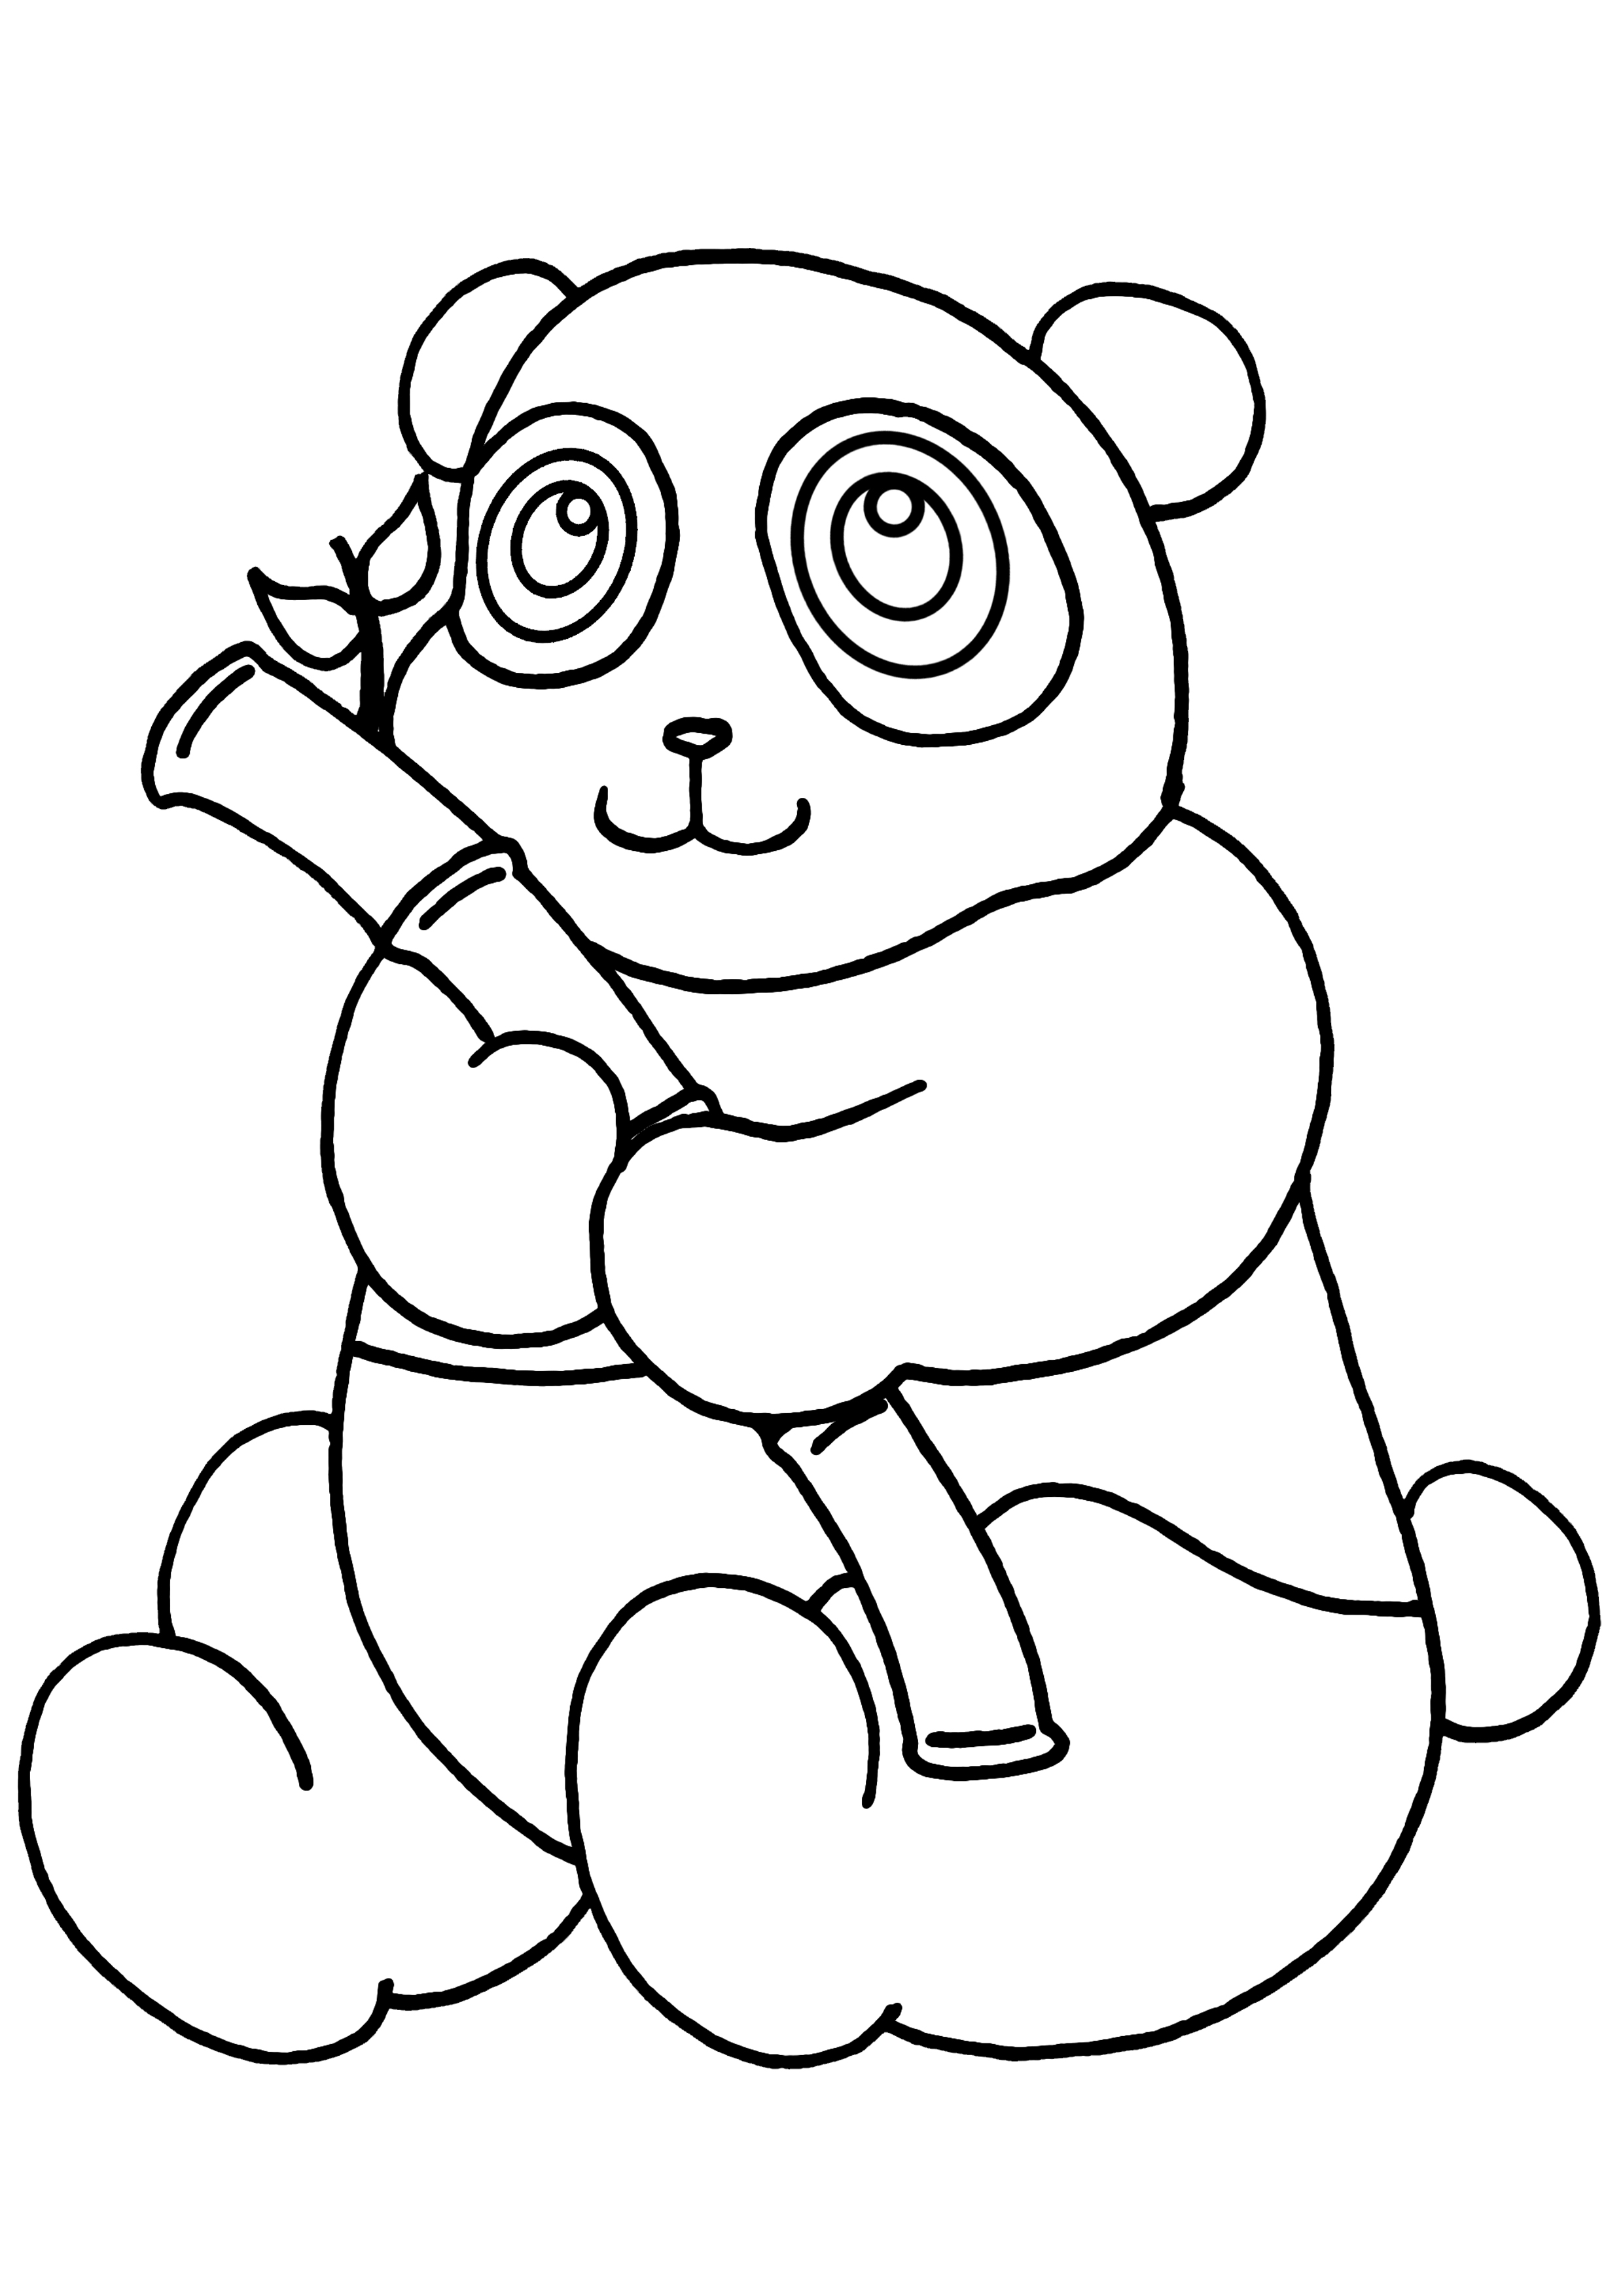 Coloriage Gratuit Koala.Dessin A Colorier Koala Gratuit